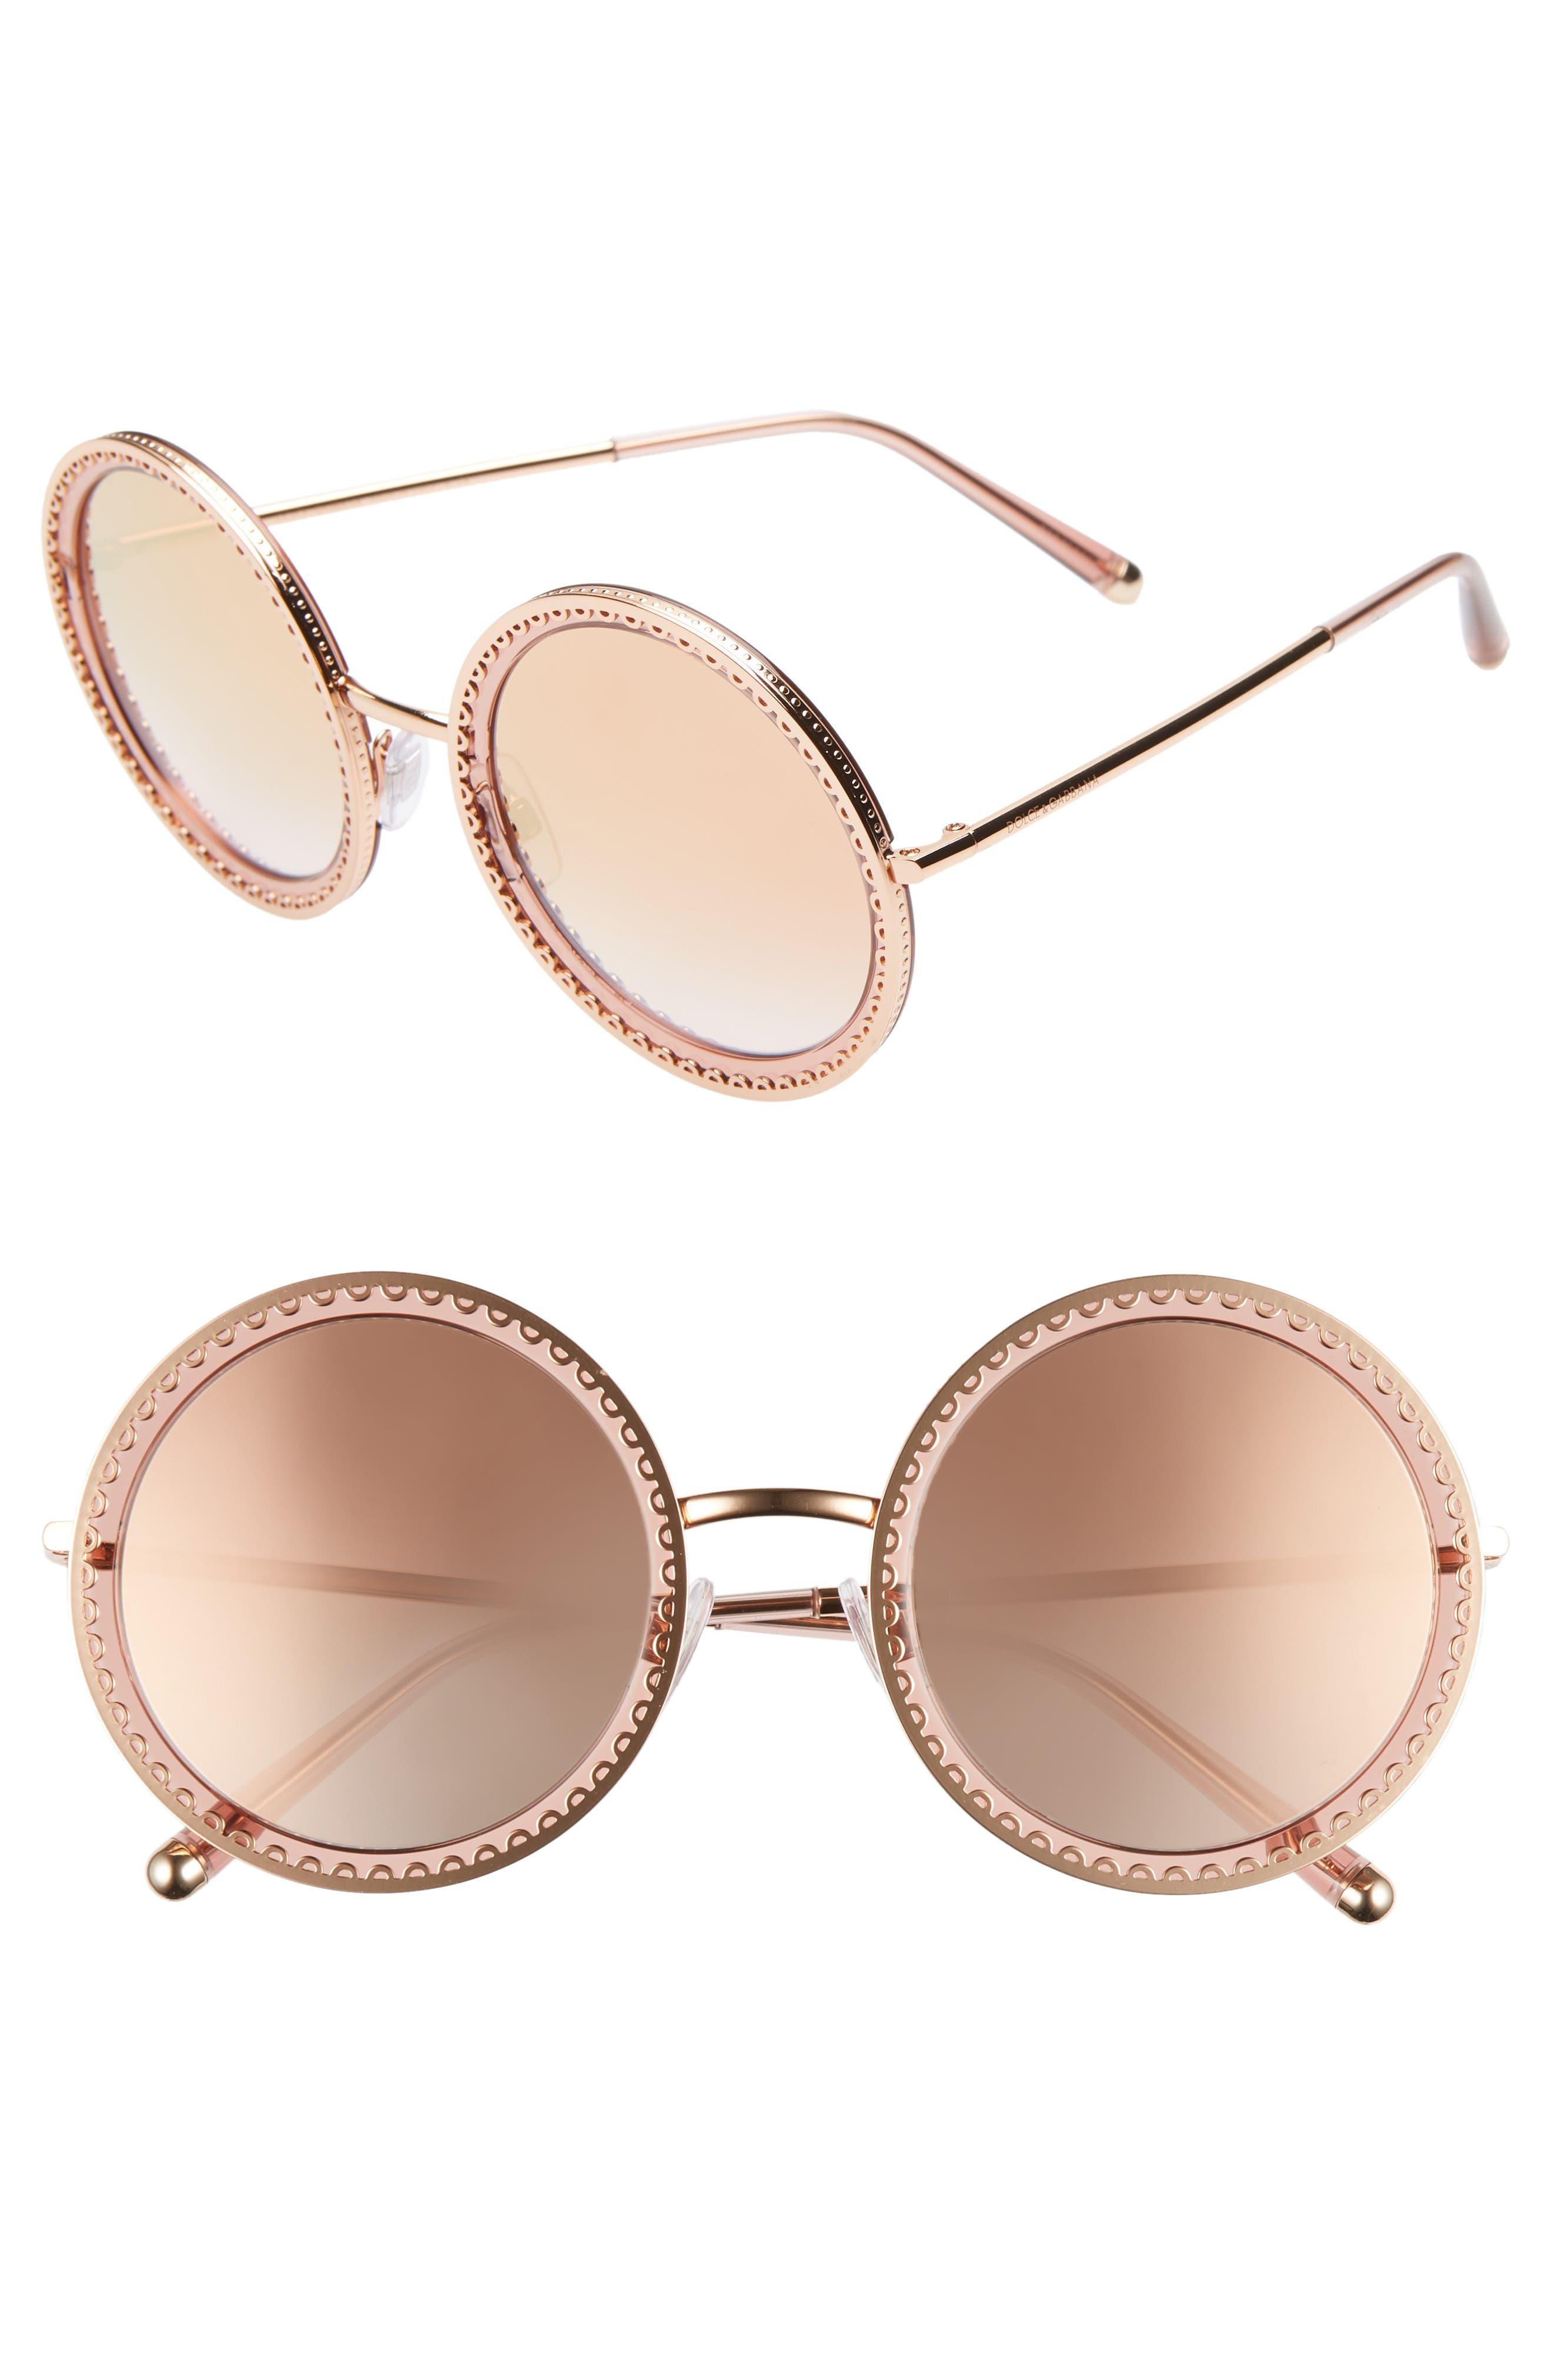 Dolce & gabbana Sacred Heart 5m Gradient Round Sunglasses - Gold Pink Gradient Mirror